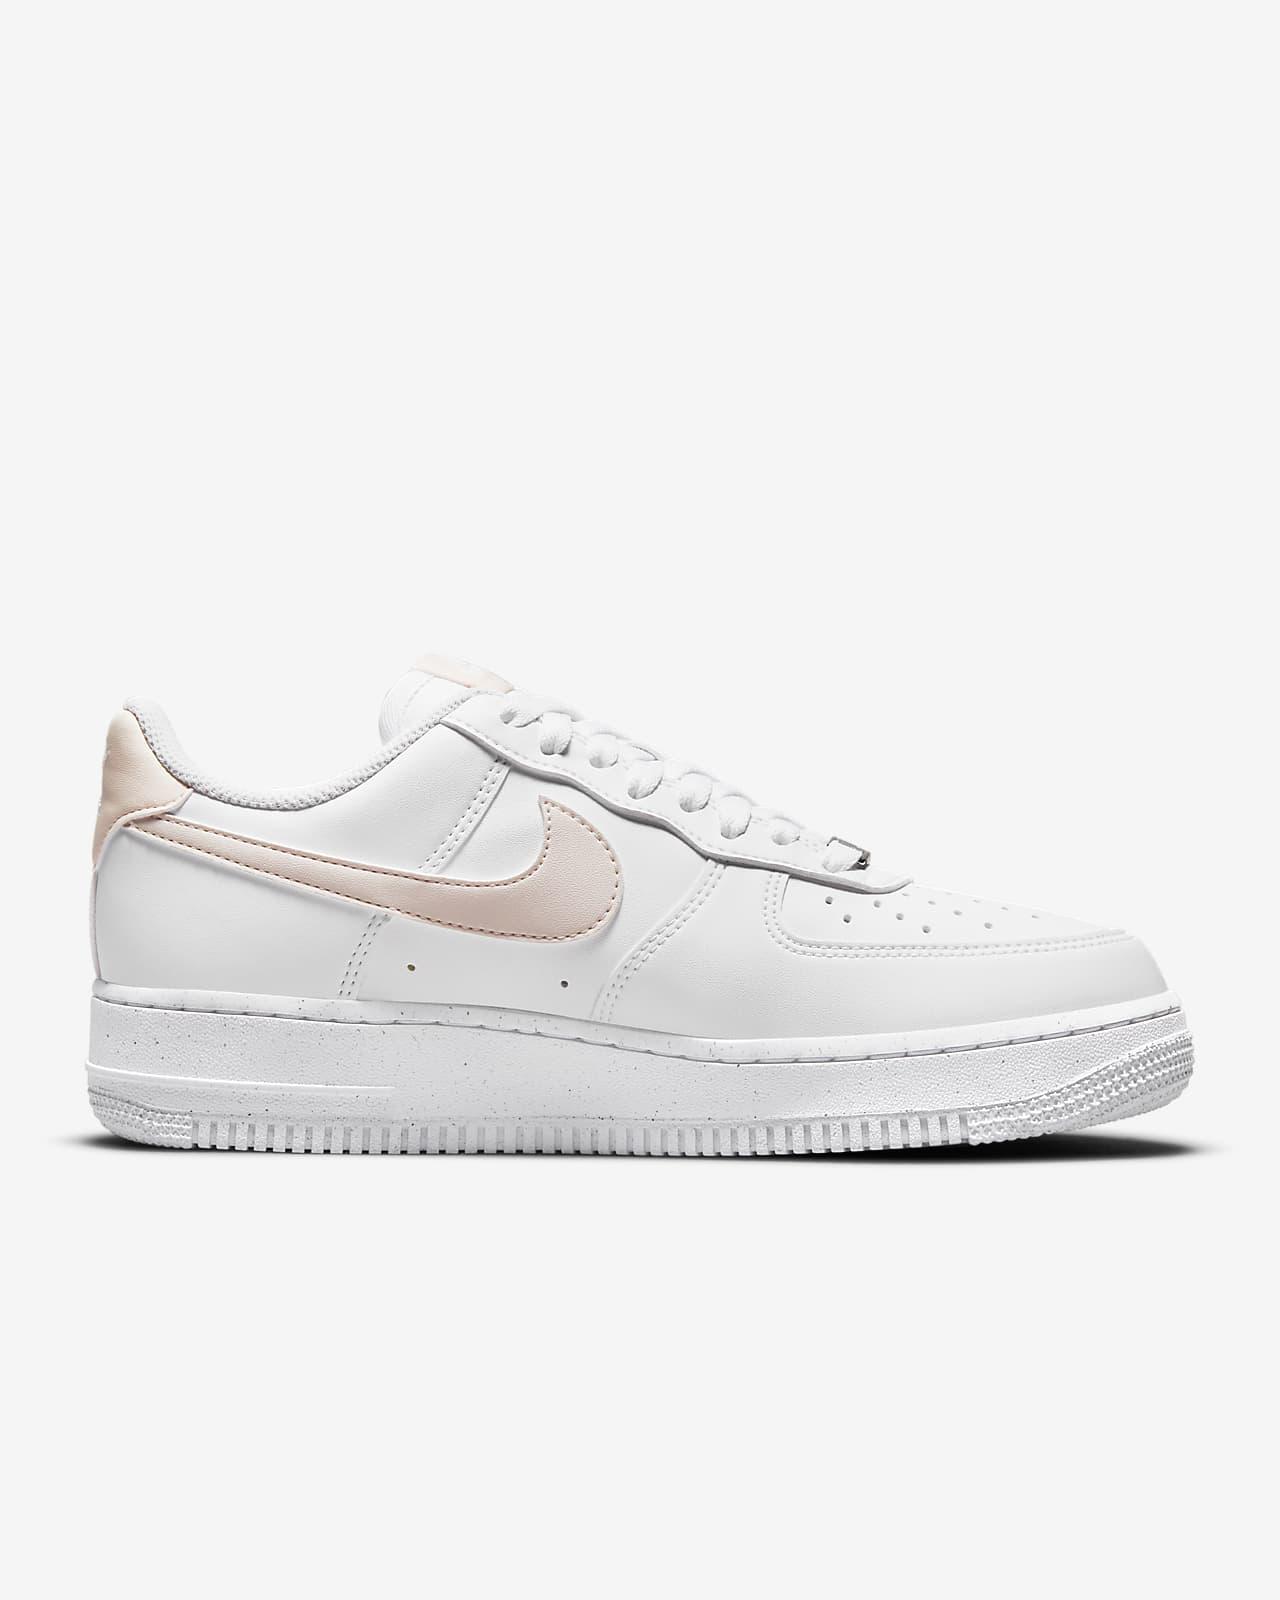 Nike Air Force 1 '07 Next Nature Women's Shoe. Nike LU